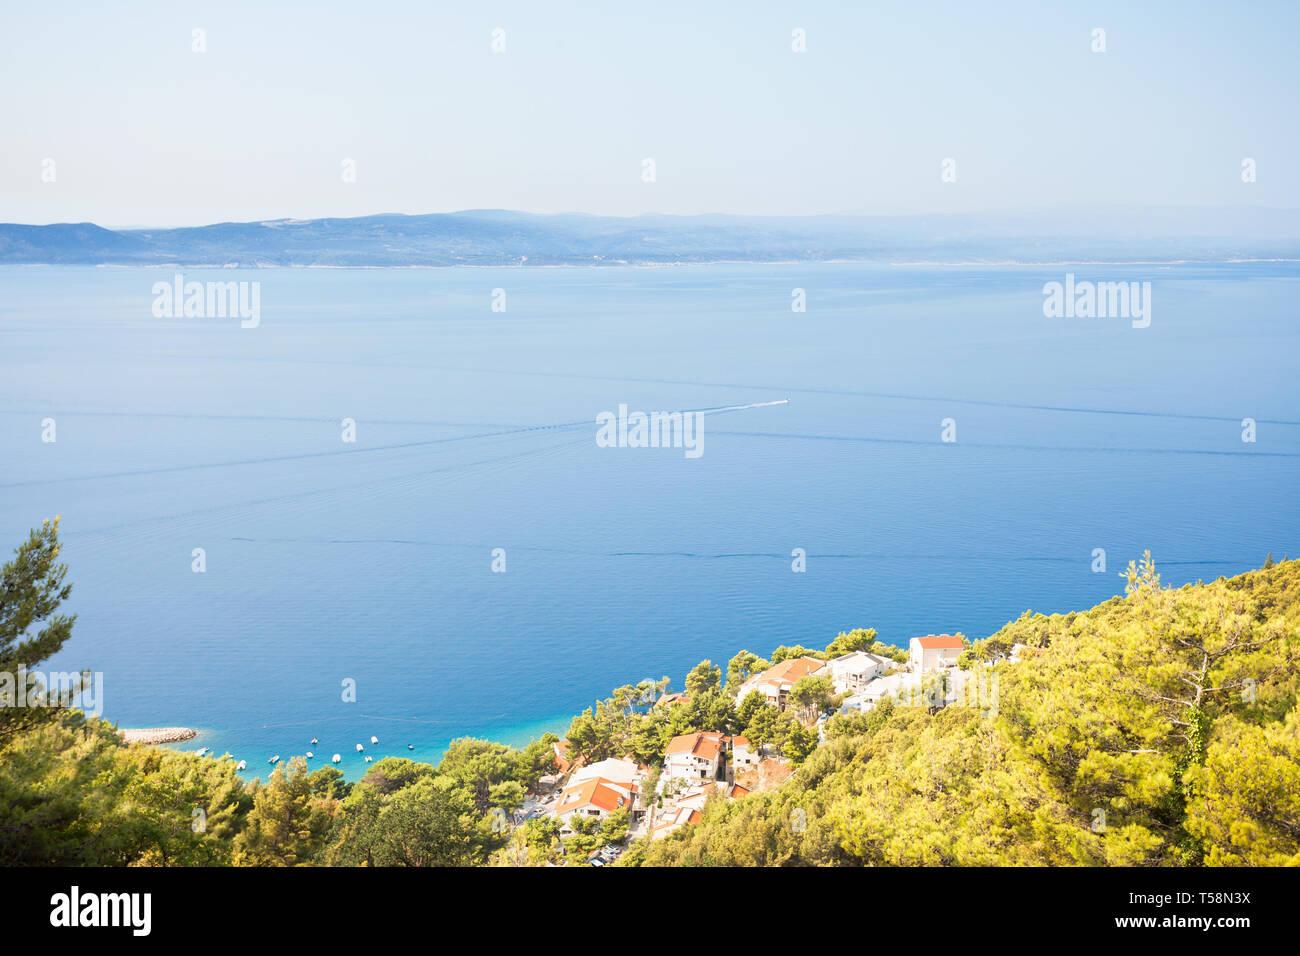 Makarska, Dalmatien, Kroatien, Europa - Wunderschönes Fischerdorf an der Küste Stockfoto